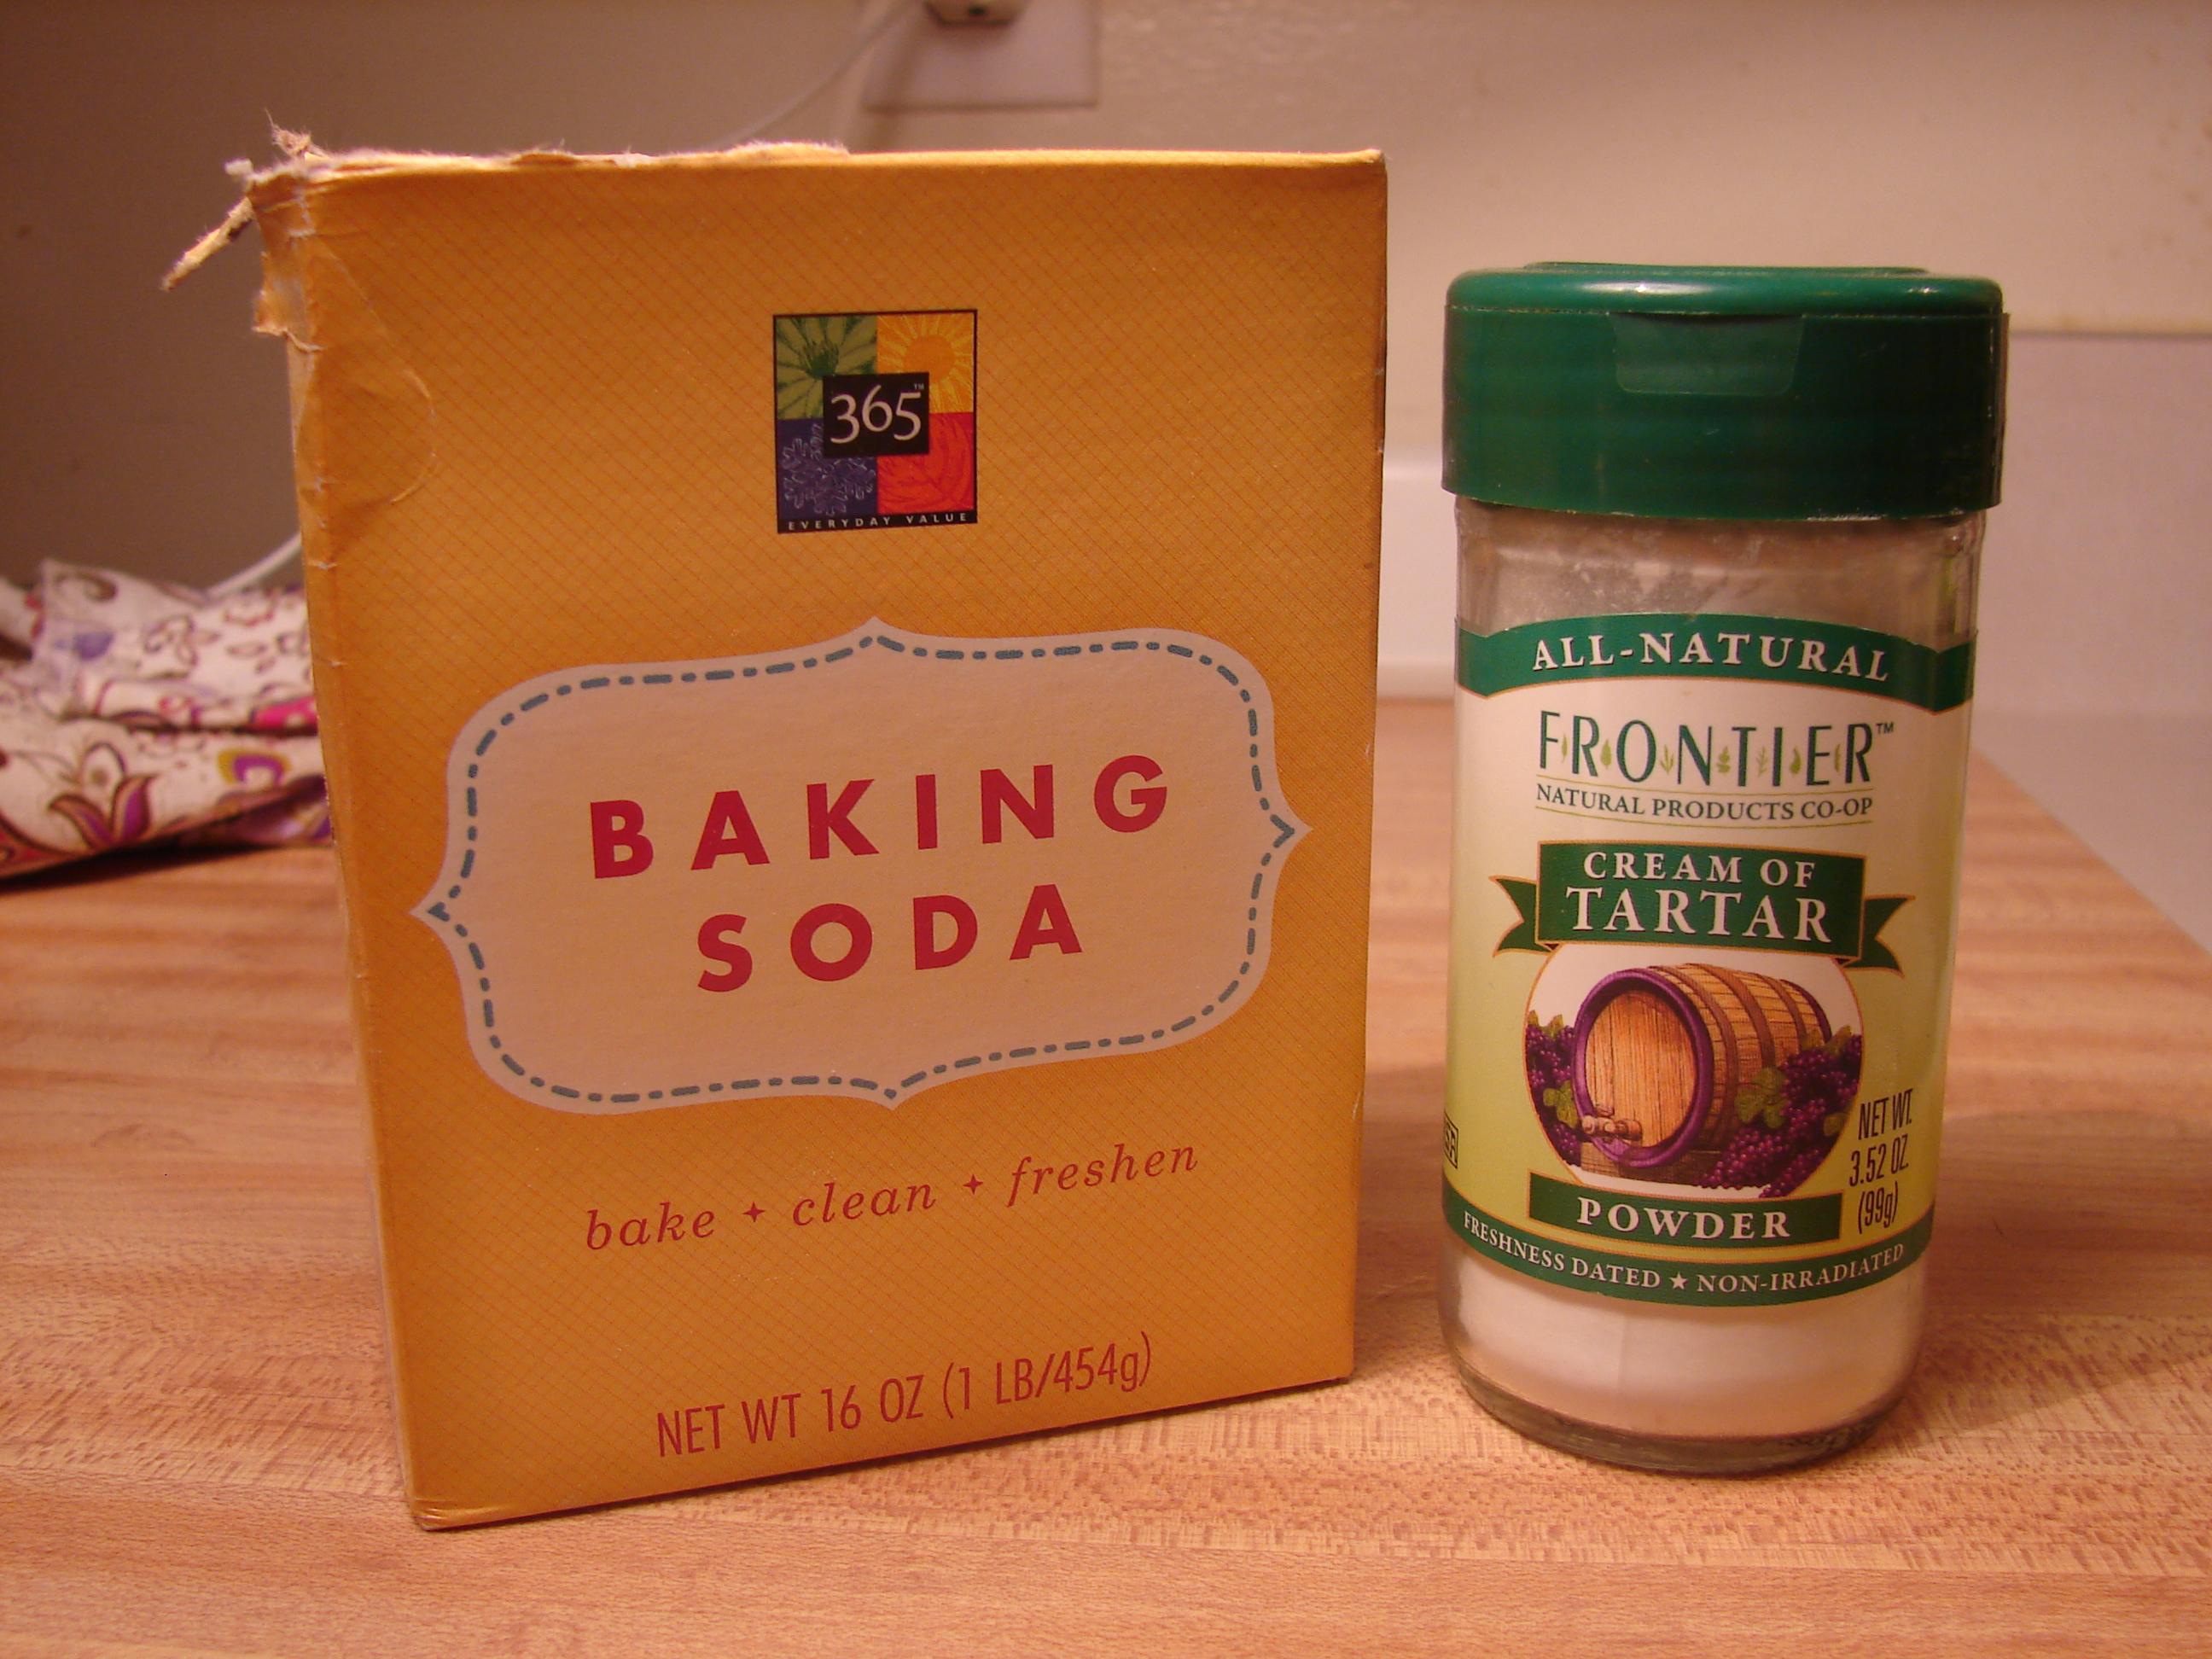 1 teaspoon baking soda ...